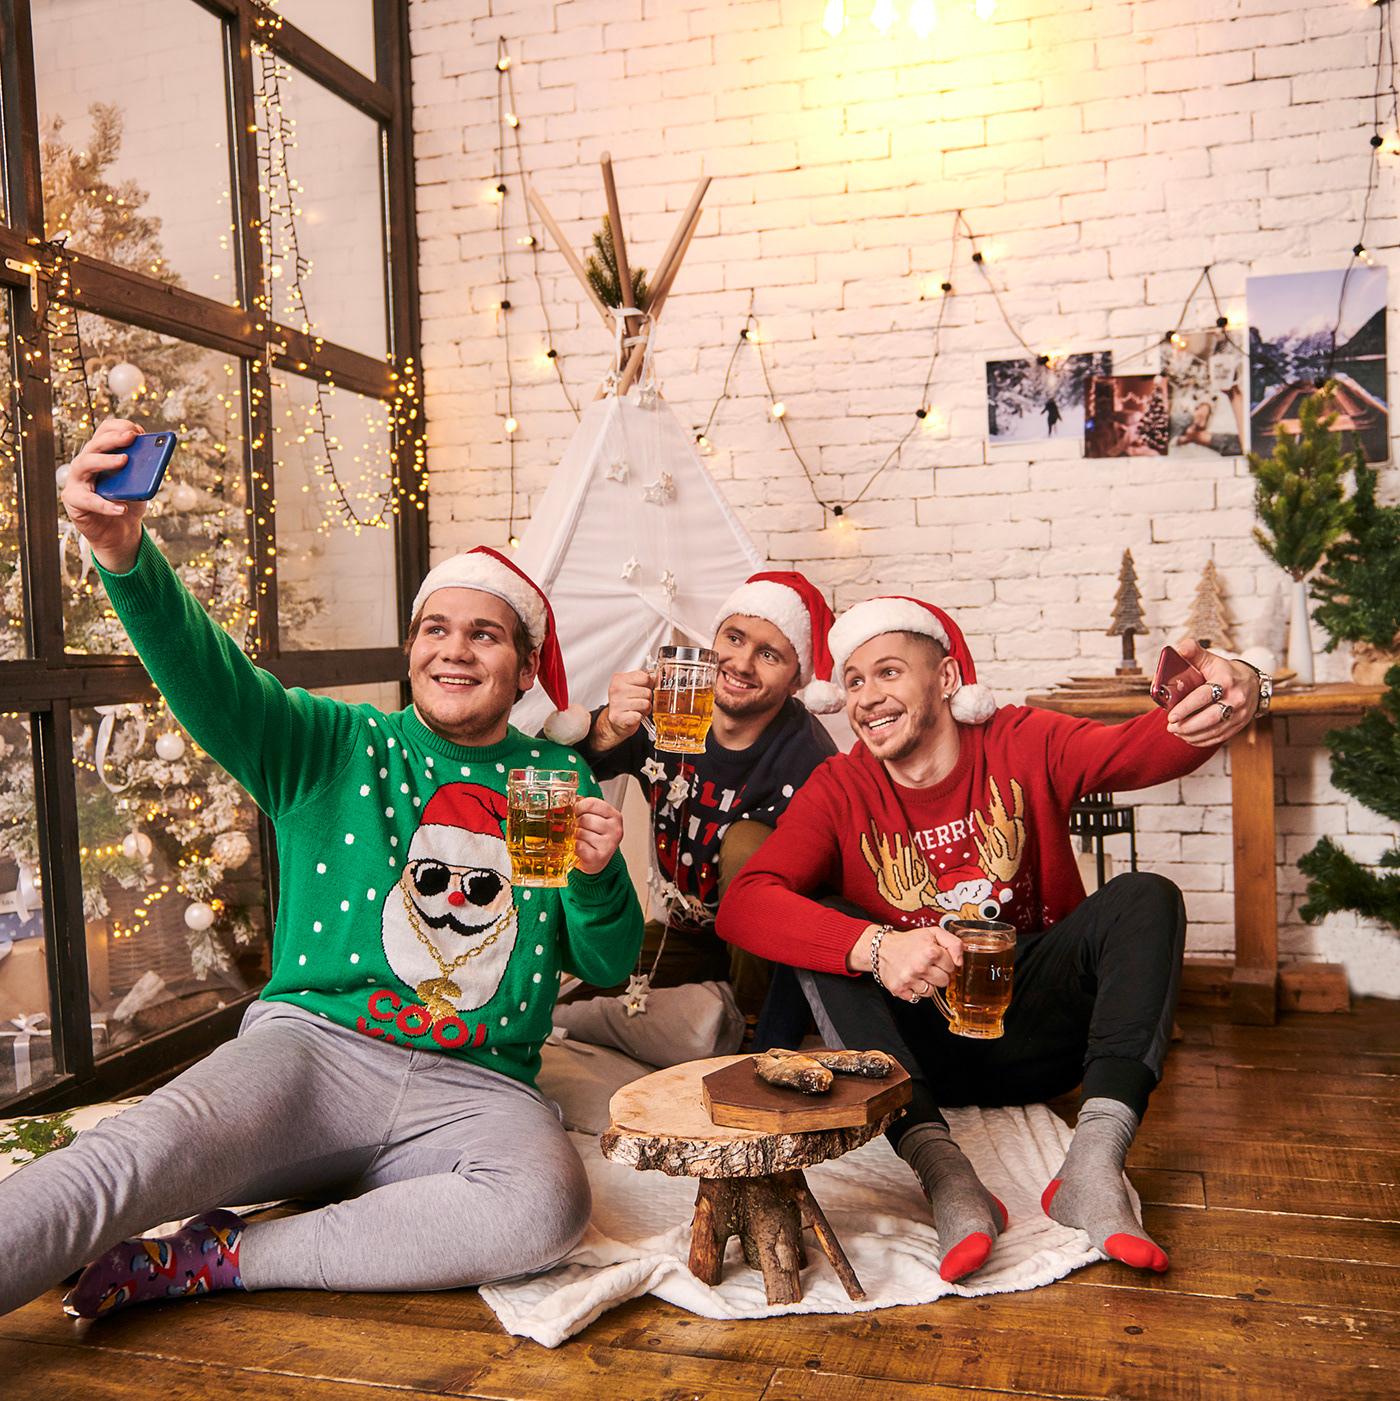 Новогодняя стёбная съёмка для ресторана Ёрш / фотограф Alex Yanbaev